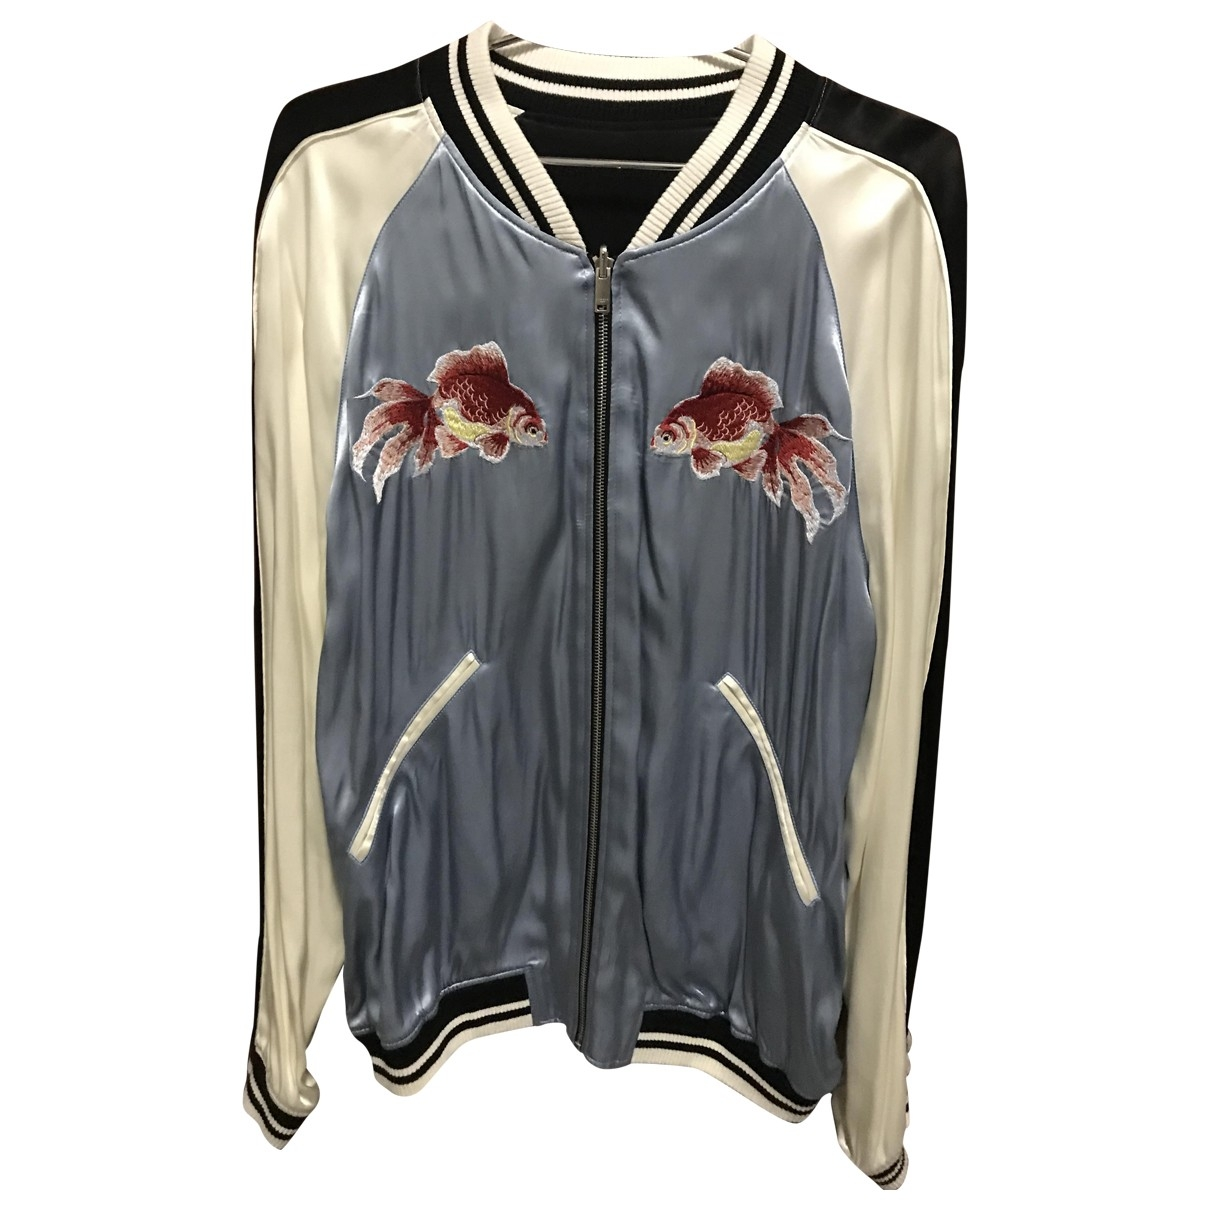 Sandro \N jacket  for Men XL International